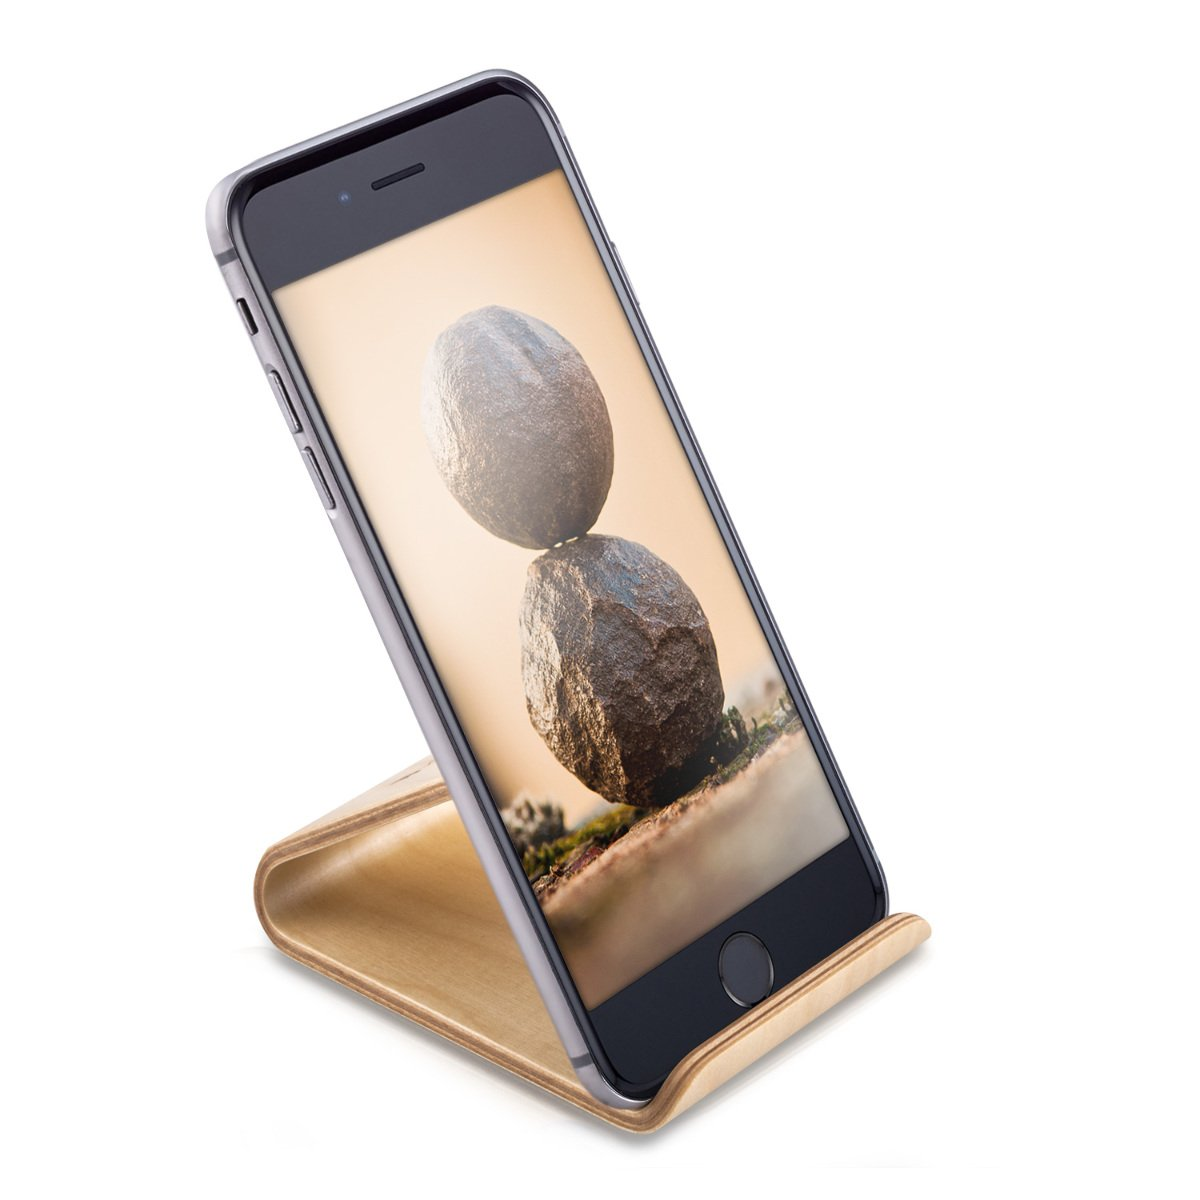 Porta Iphone Da Scrivania.Kalibri Supporto Smartphone Universale Da Tavolo Stand Per Cellulare Tablet Apple Samsung Ipad Sostegno Dock Iphone Per Scrivania Legno Betulla